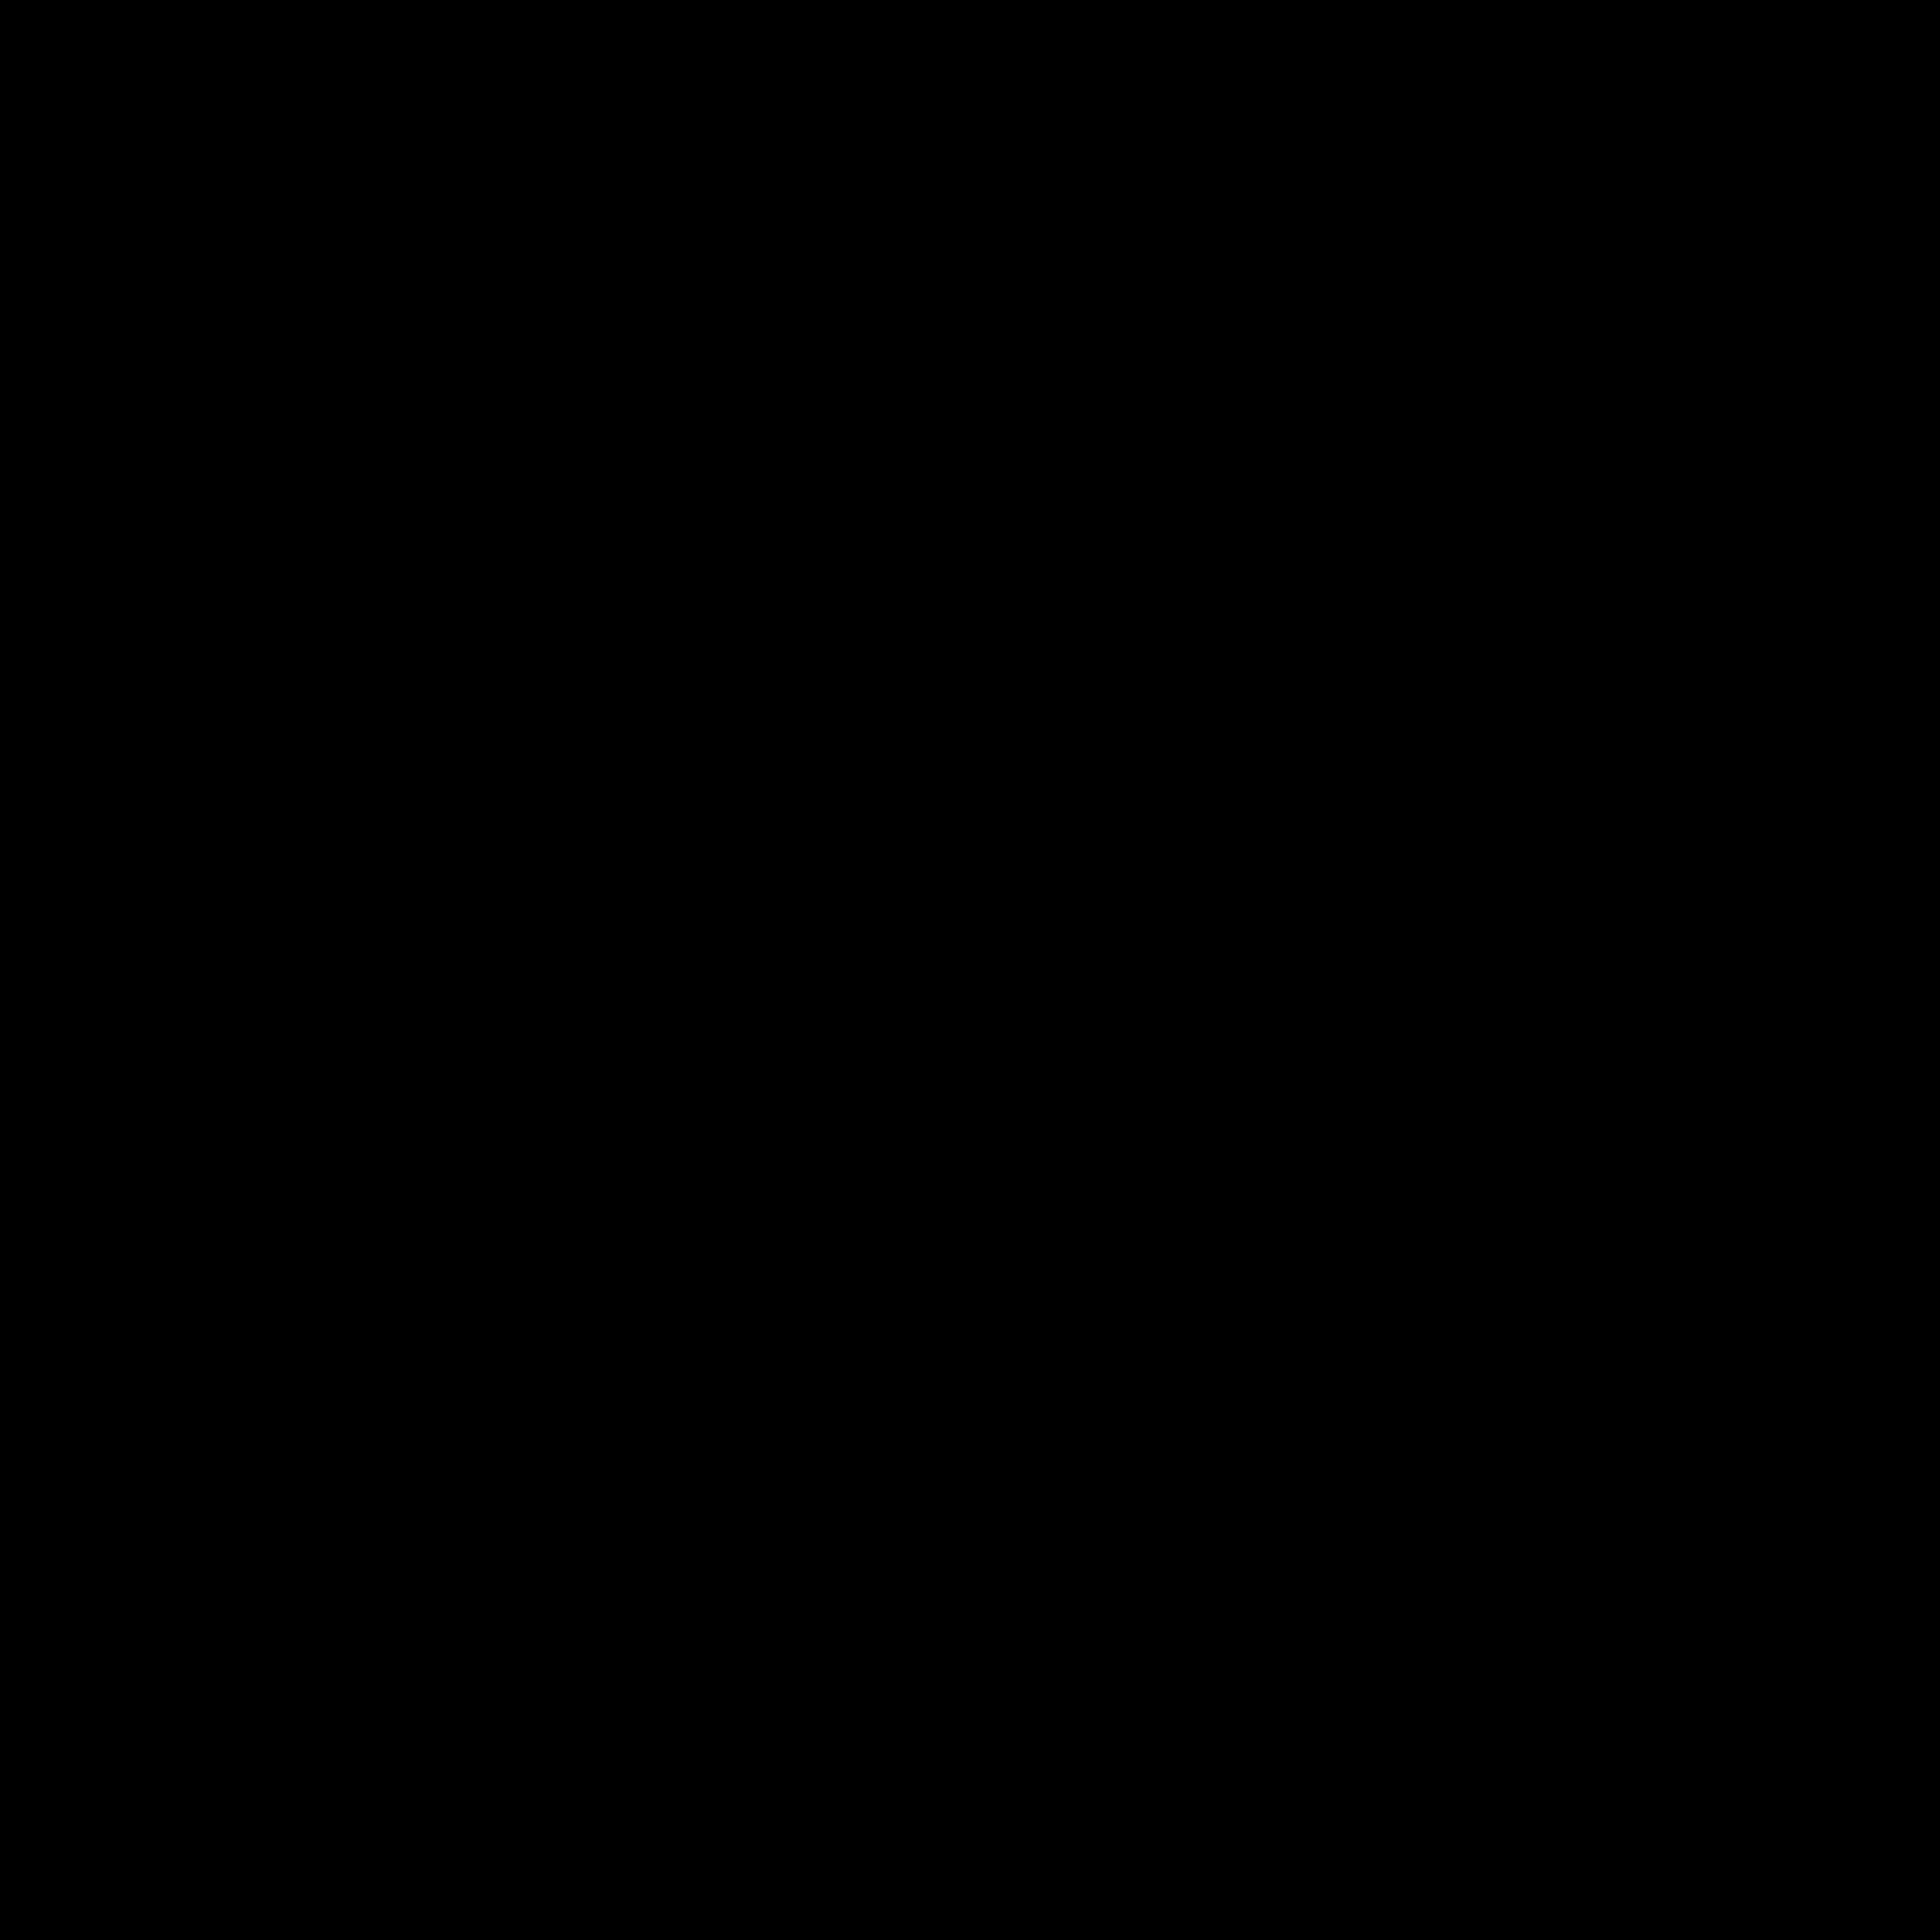 Создать логотип для сети магазинов спортивного питания фото f_3135969470322b50.jpg